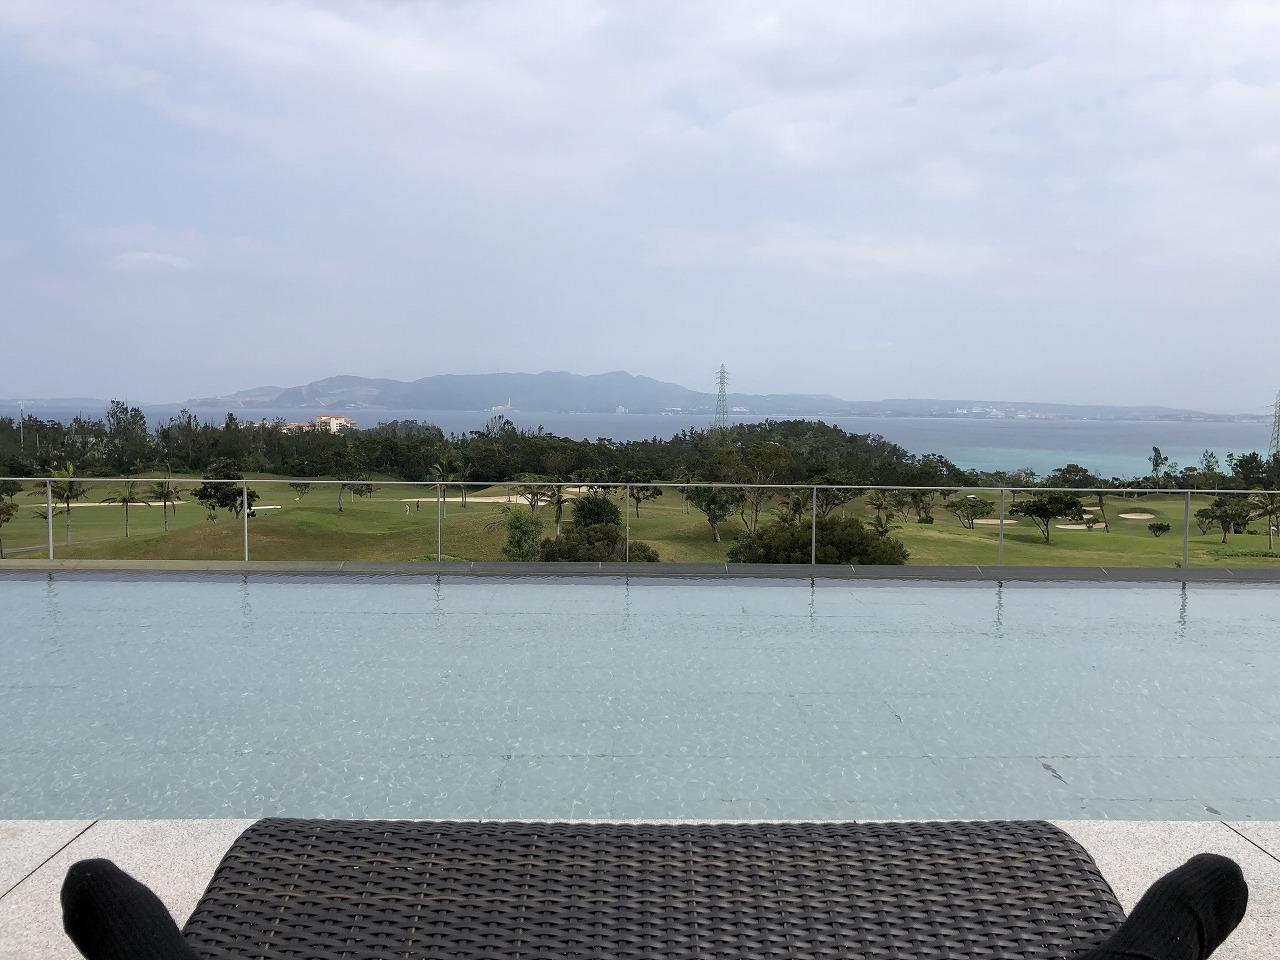 リッツカールトン沖縄のテラス席からの眺め1